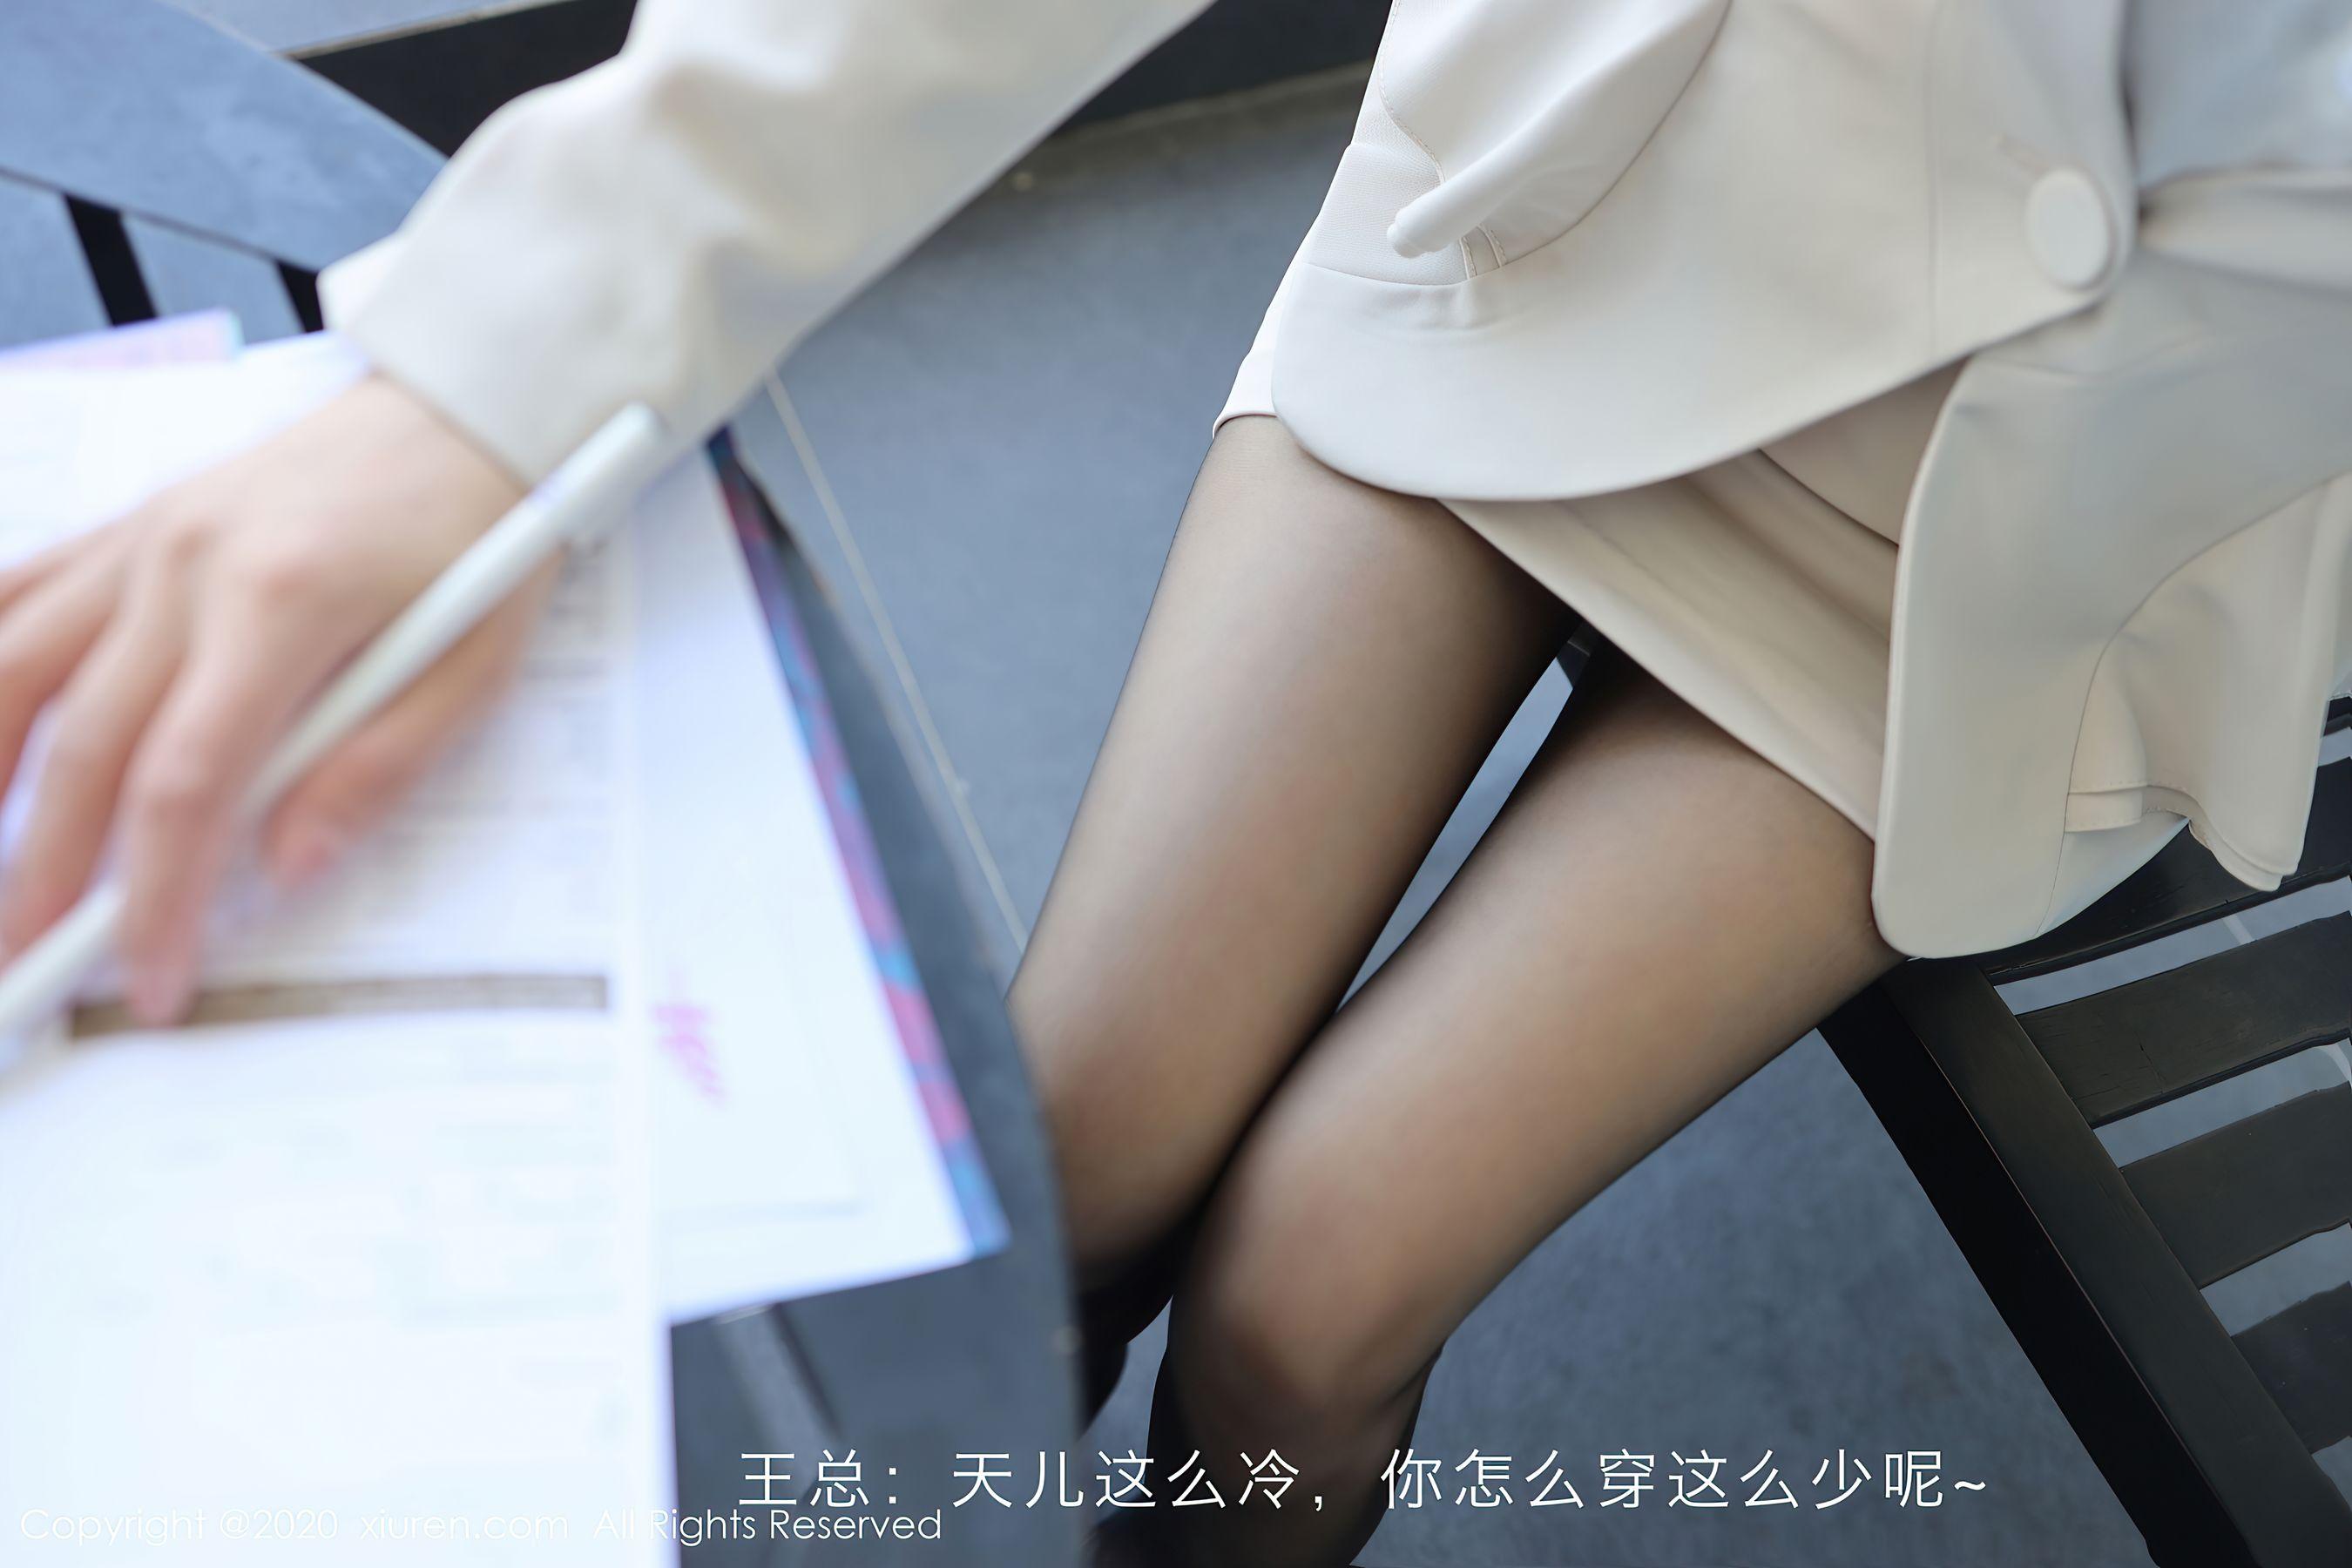 [秀人网]佘贝拉(佘贝拉bella)No.2804超高清写真大图片(54P)|139热度